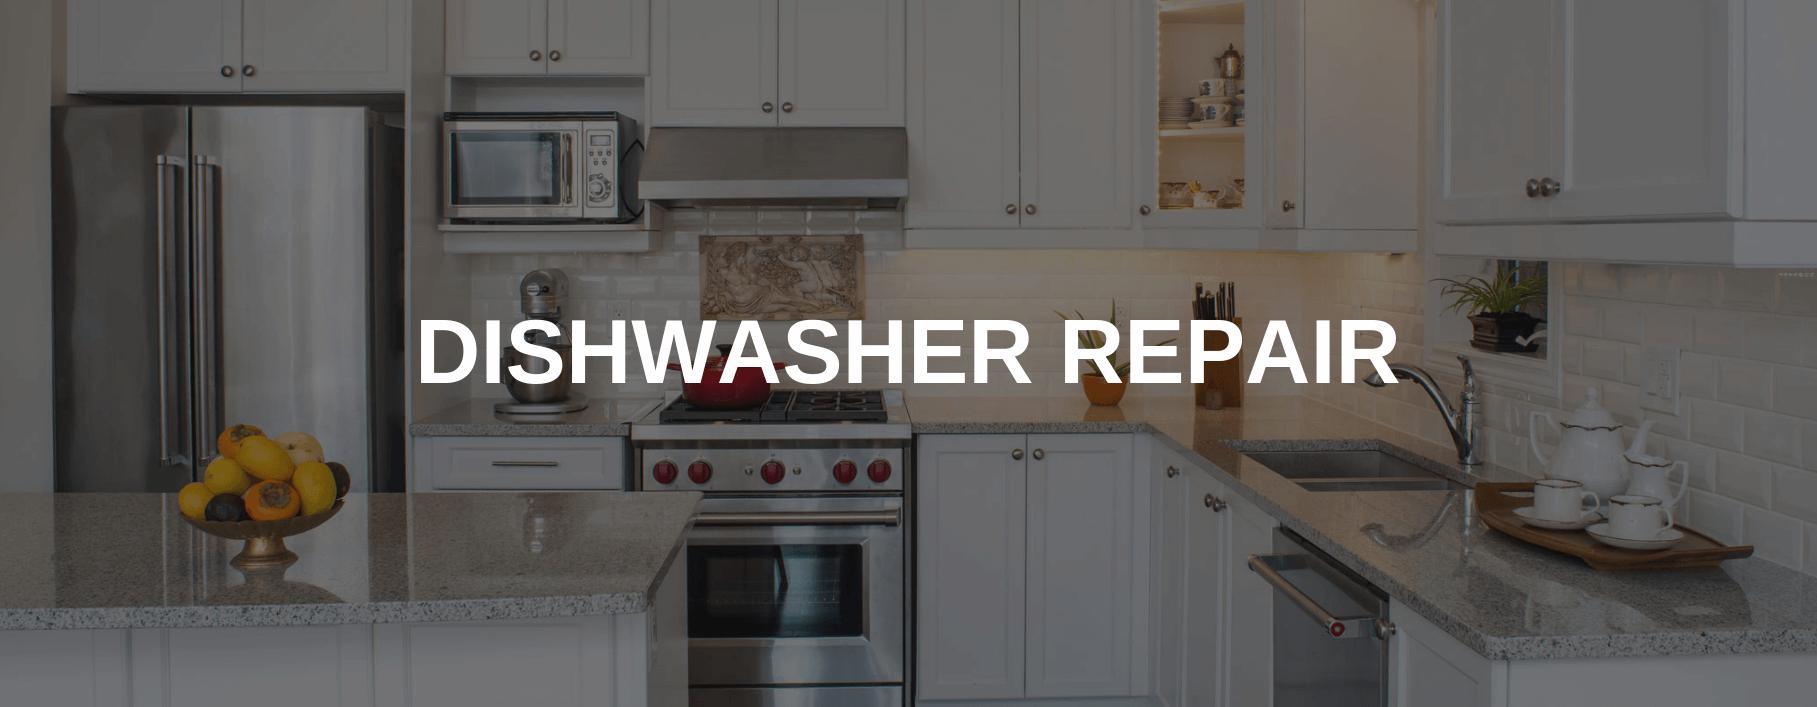 dishwasher repair carollton